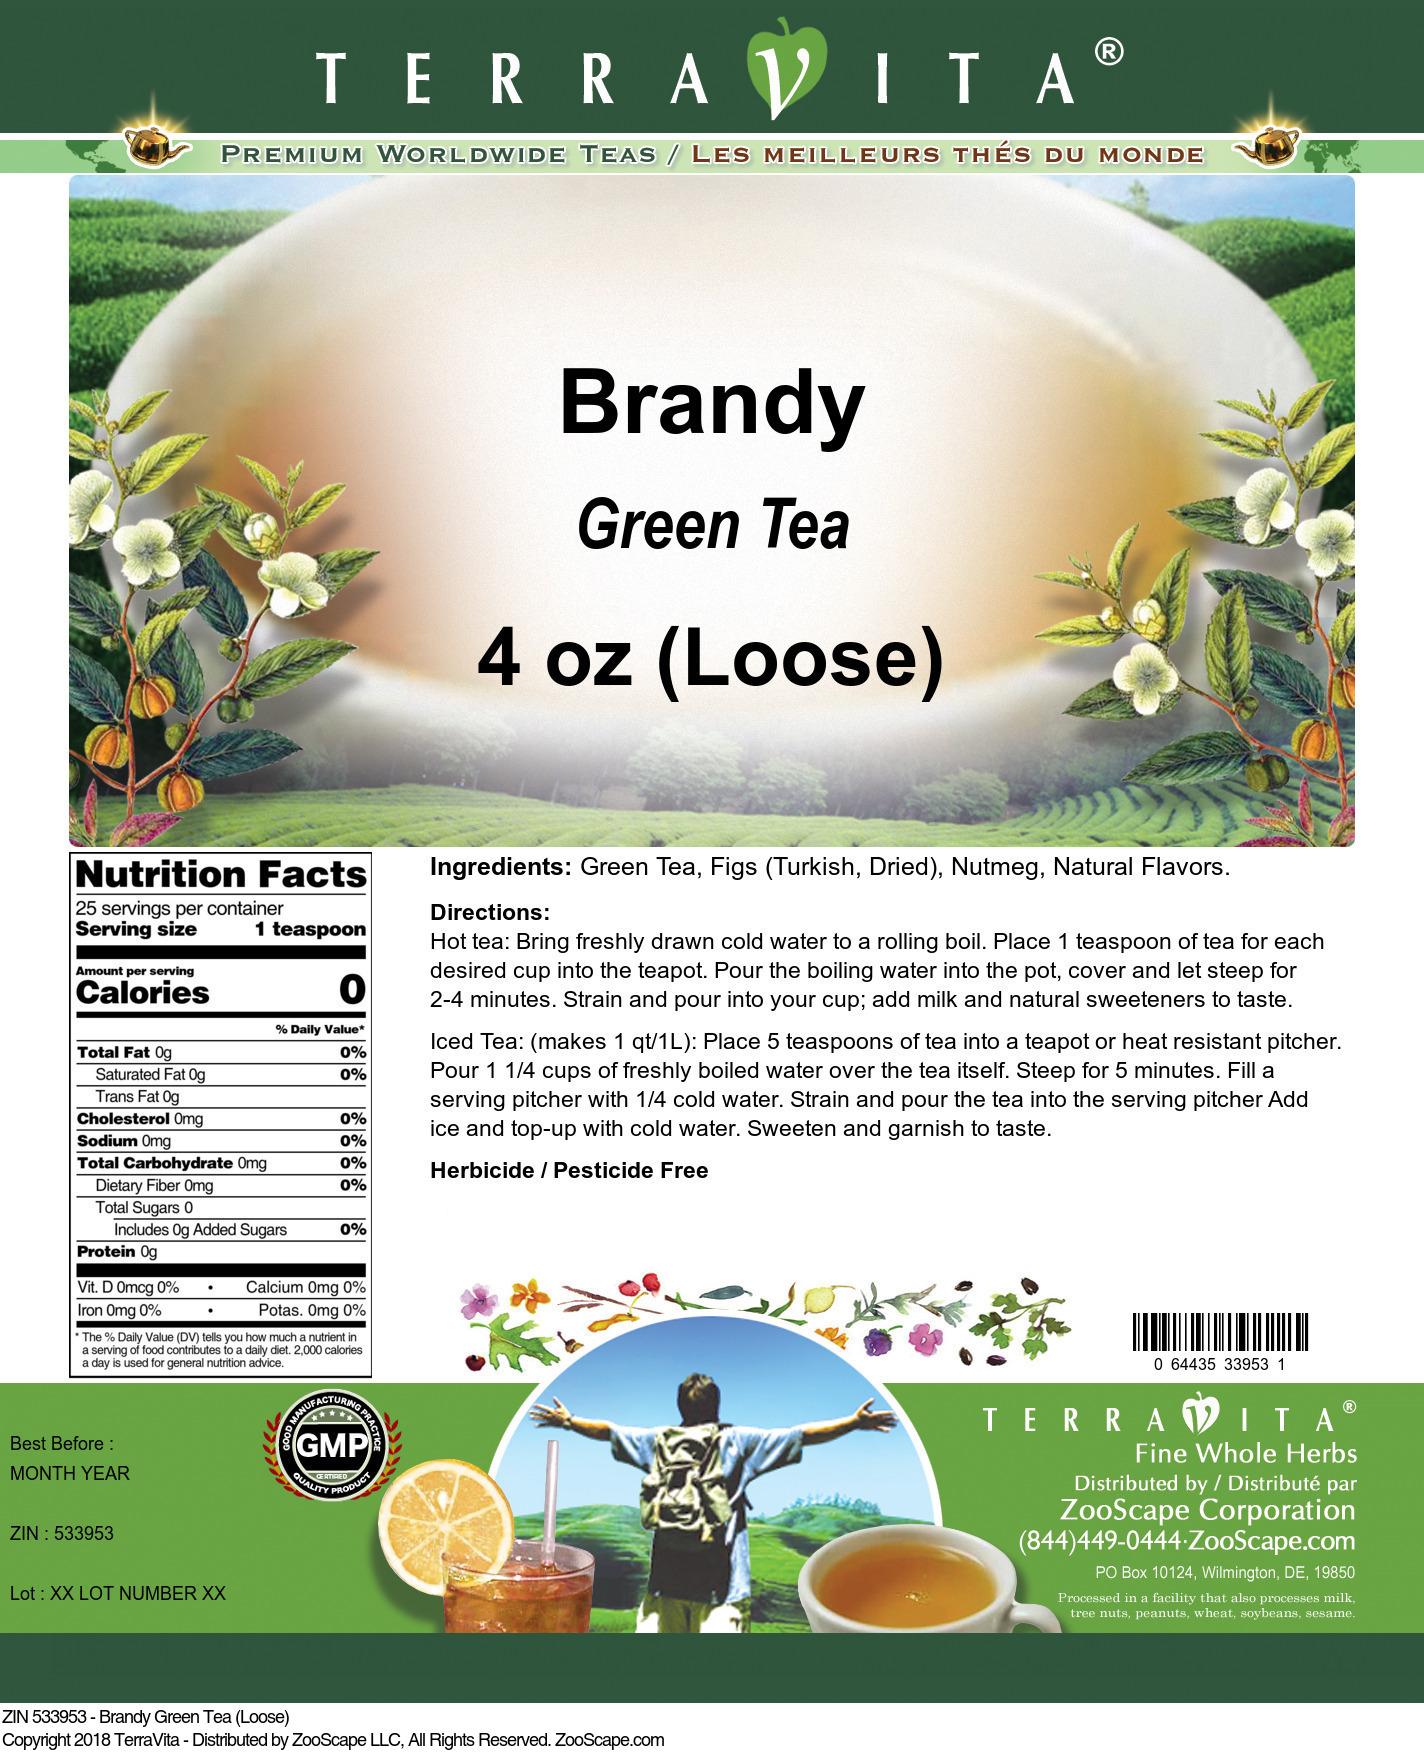 Brandy Green Tea